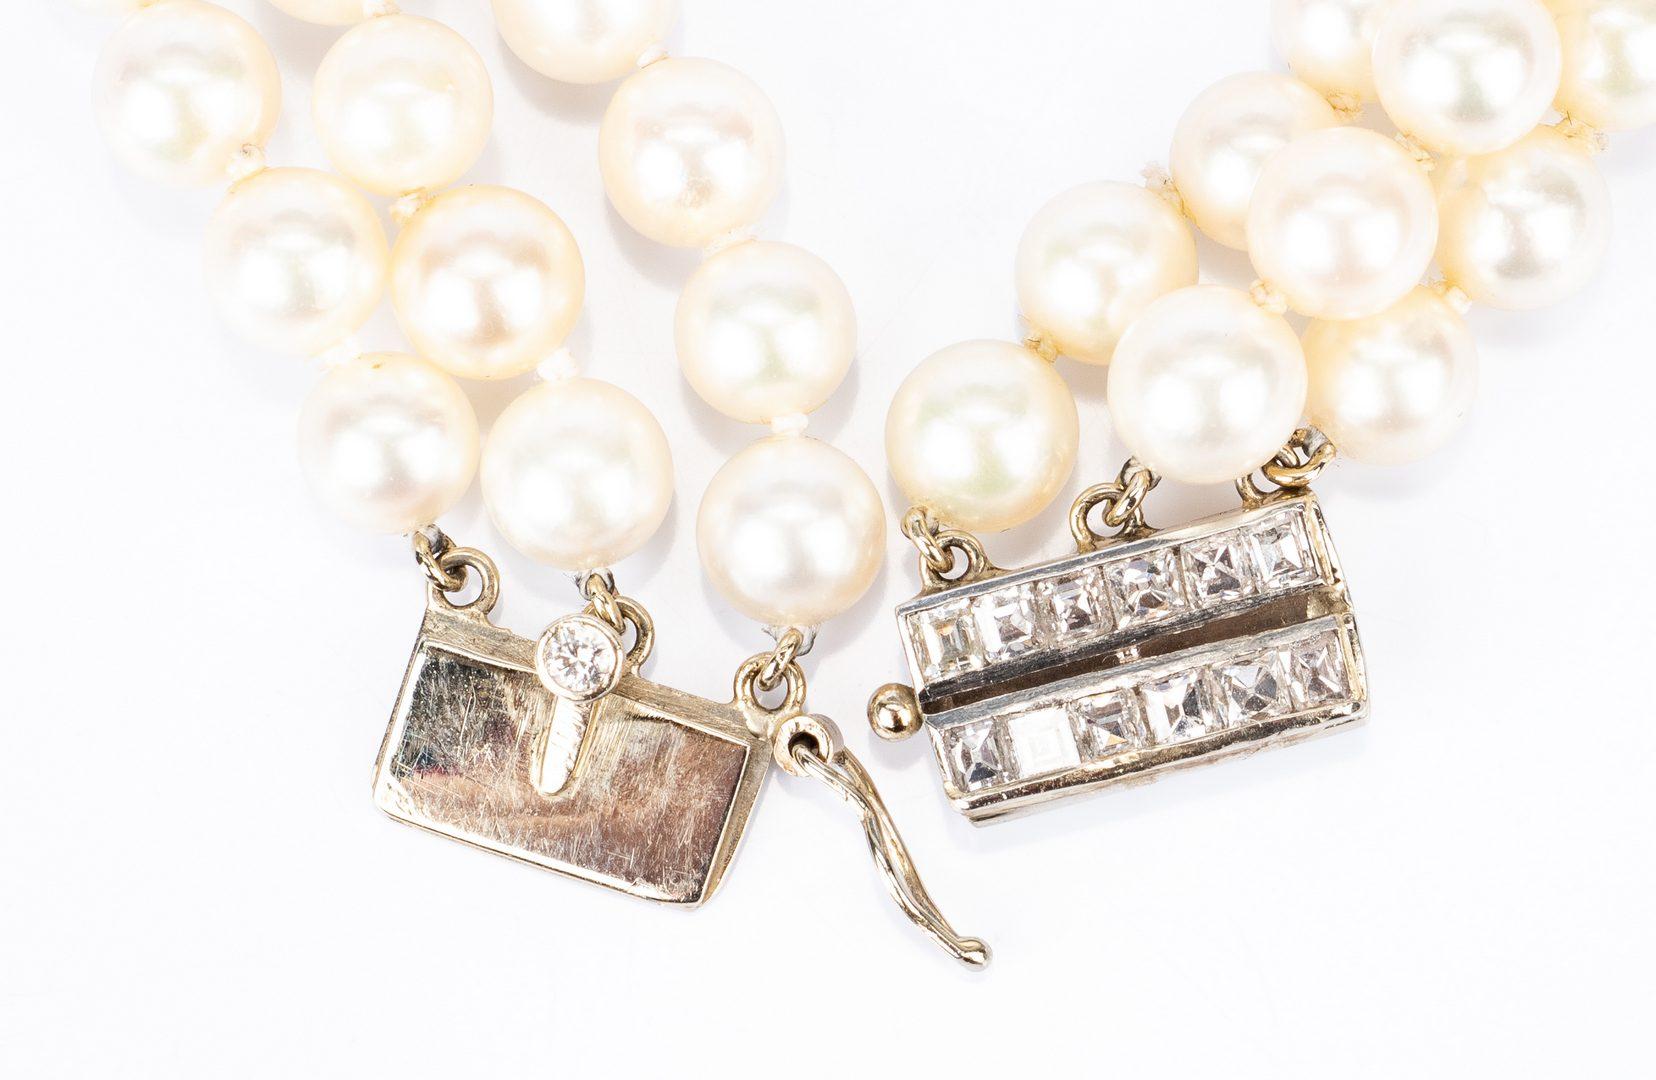 Lot 437: 2 Gemstone Bracelets